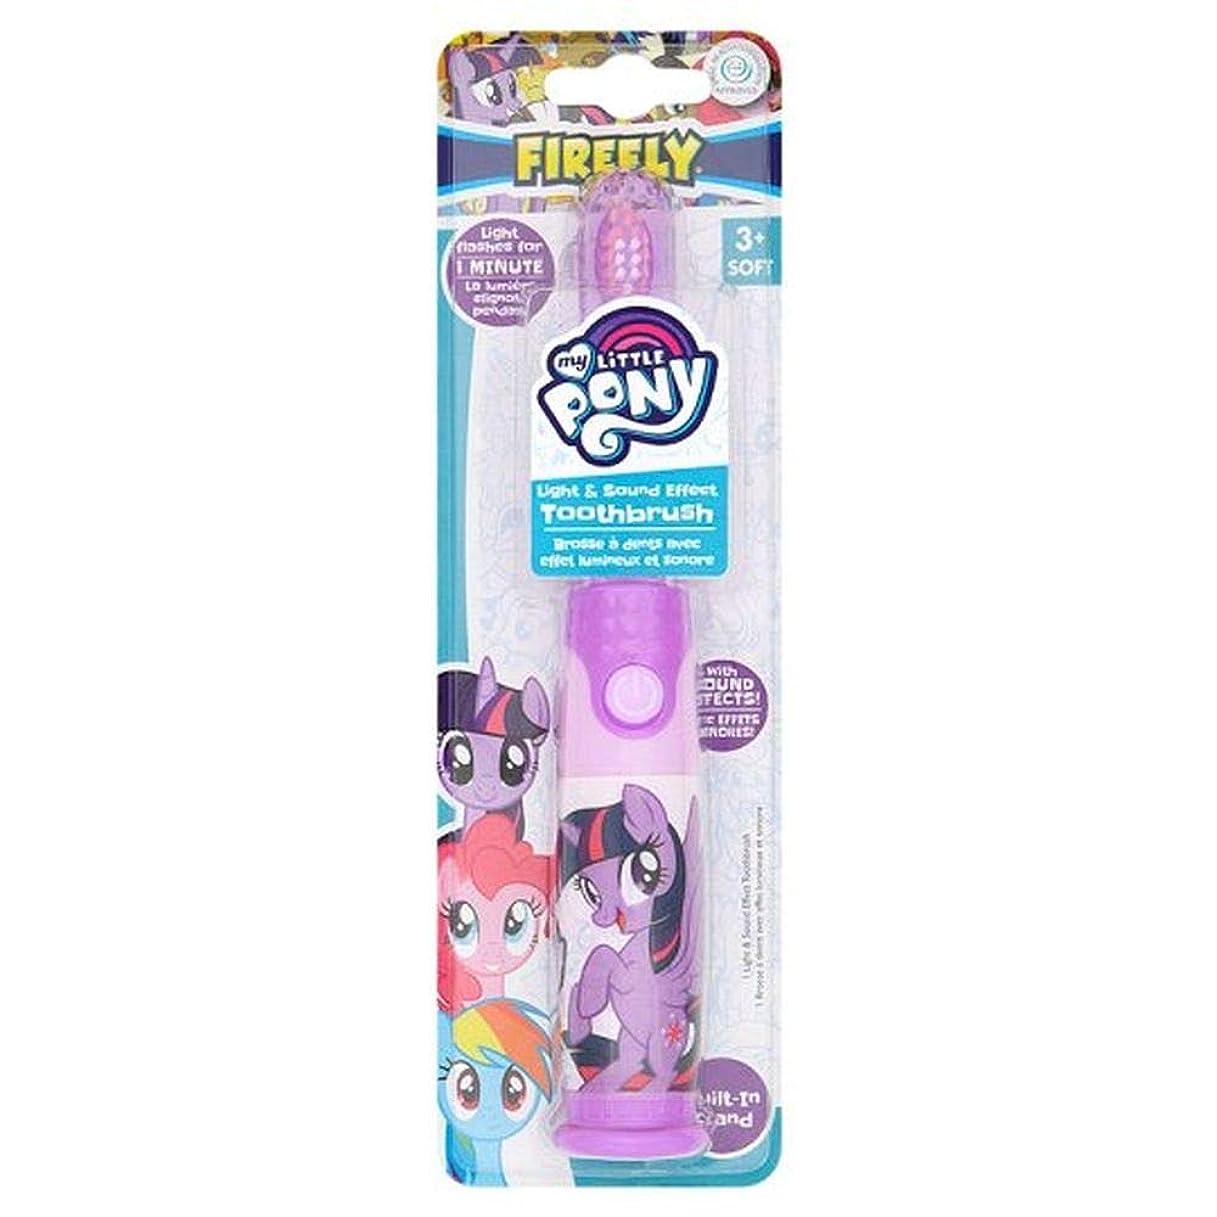 チーム計算する不注意[Firefly ] 私の小さなポニーのホタルの光と音の歯ブラシ - My Little Pony Firefly Light And Sound Toothbrush [並行輸入品]